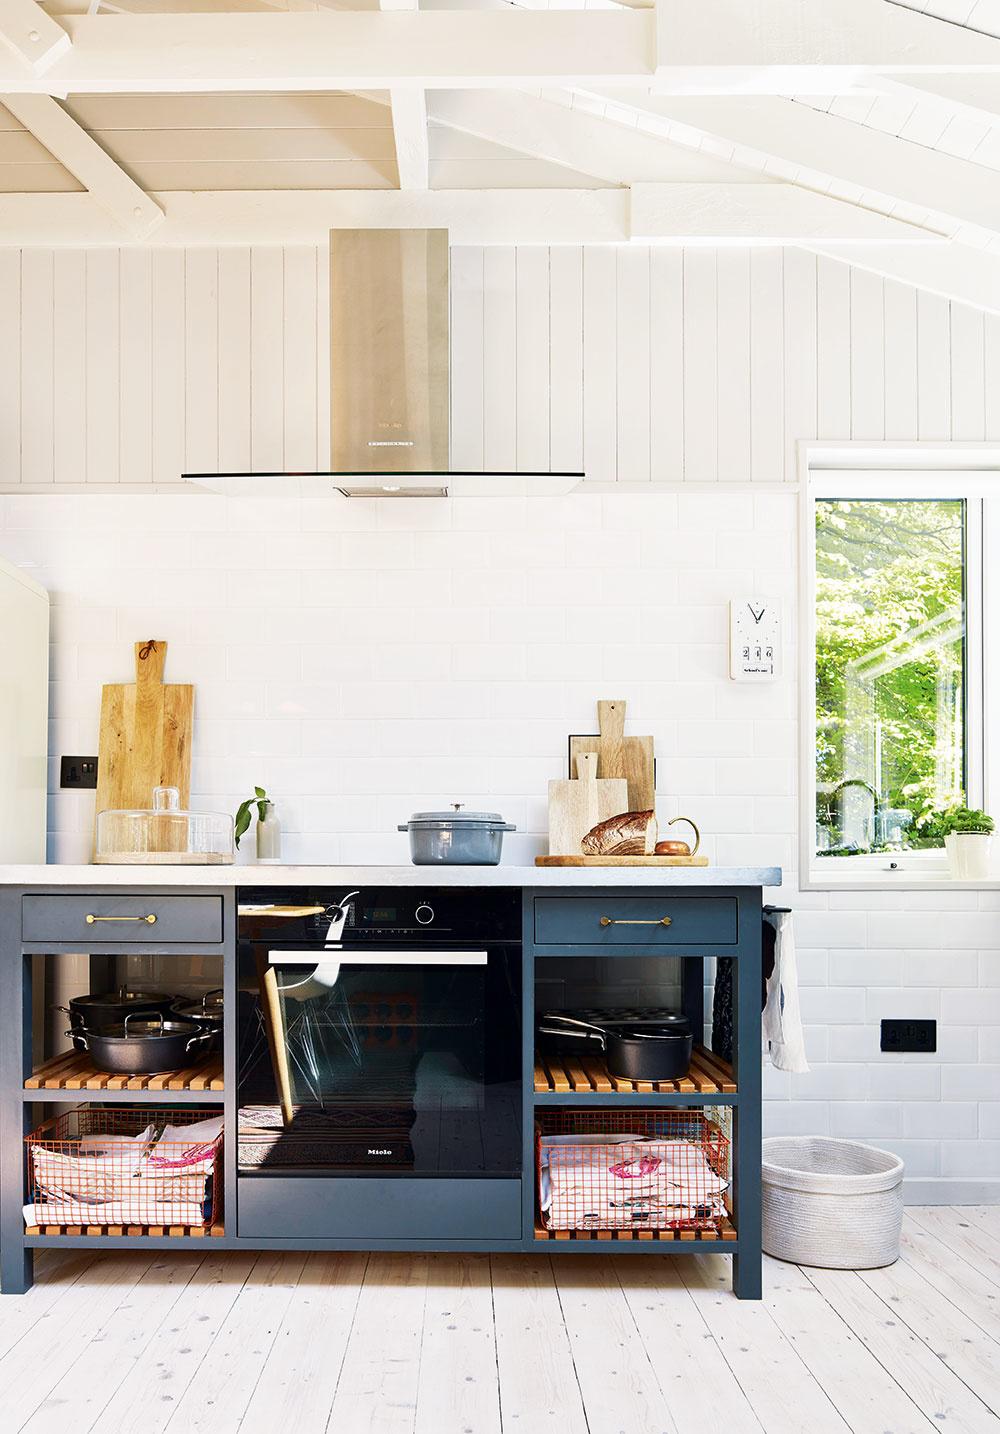 """Voľne stojace skrinky odľahčujú zariadenie kuchyne aposúvajú jej vidiecky vzhľad do modernejšieho štýlu. Drevený obklad striedajú vokolí pracovných plôch praktickejšie biele obkladačky, uložené vduchu dnešného trendu """"na väzbu""""."""